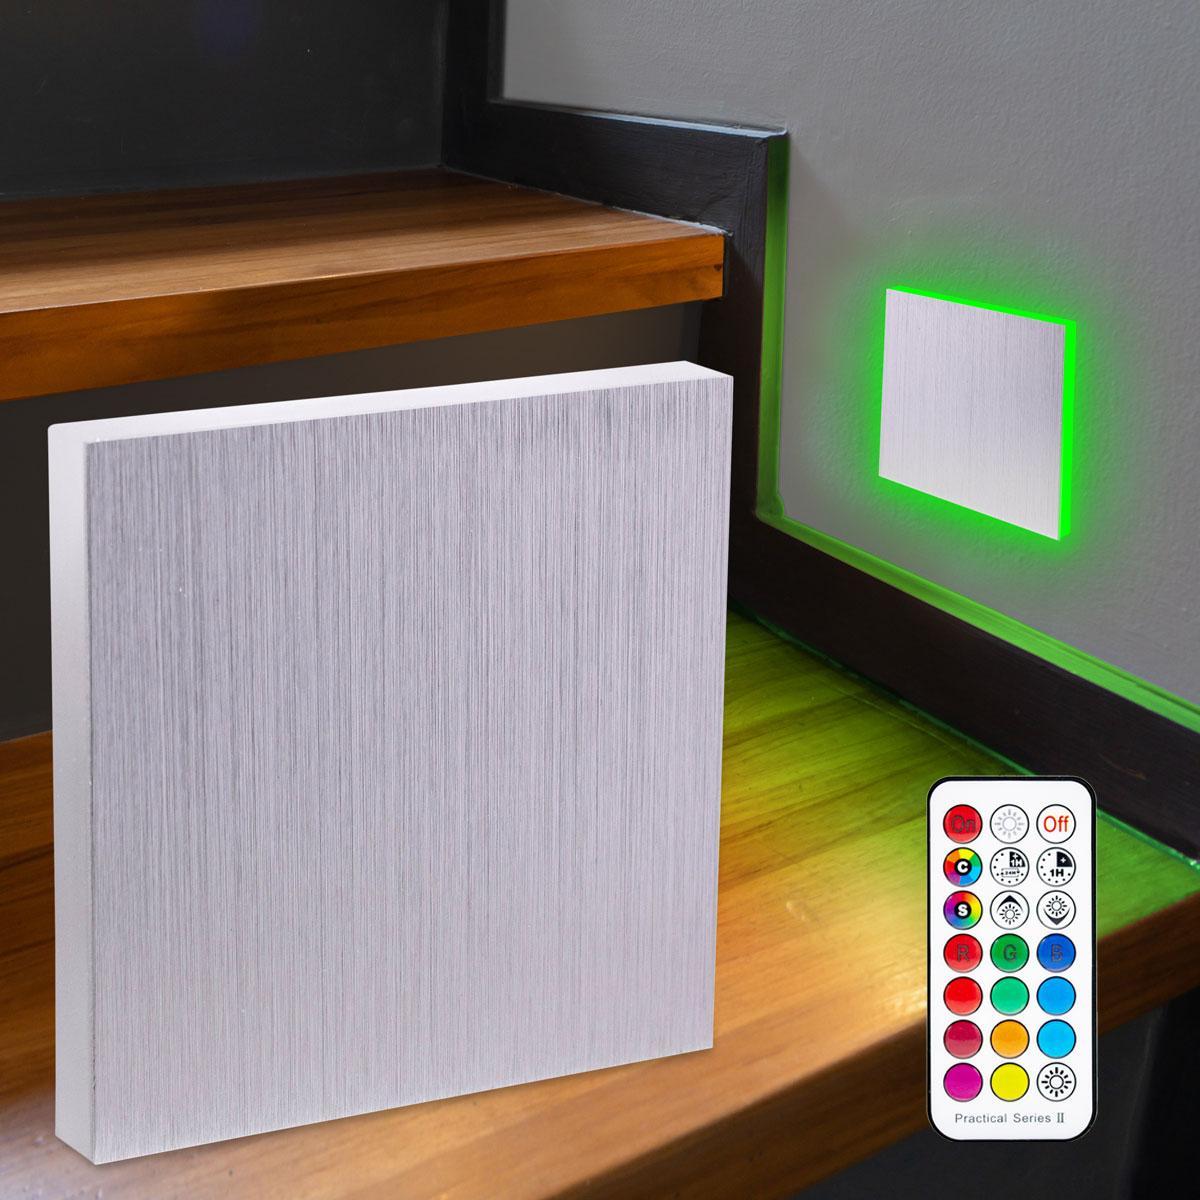 LED Treppenbeleuchtung Wandeinbauleuchte RGB+Warmweiß 230V 3W Alu-gebürstet Lichtaustritt seitlich